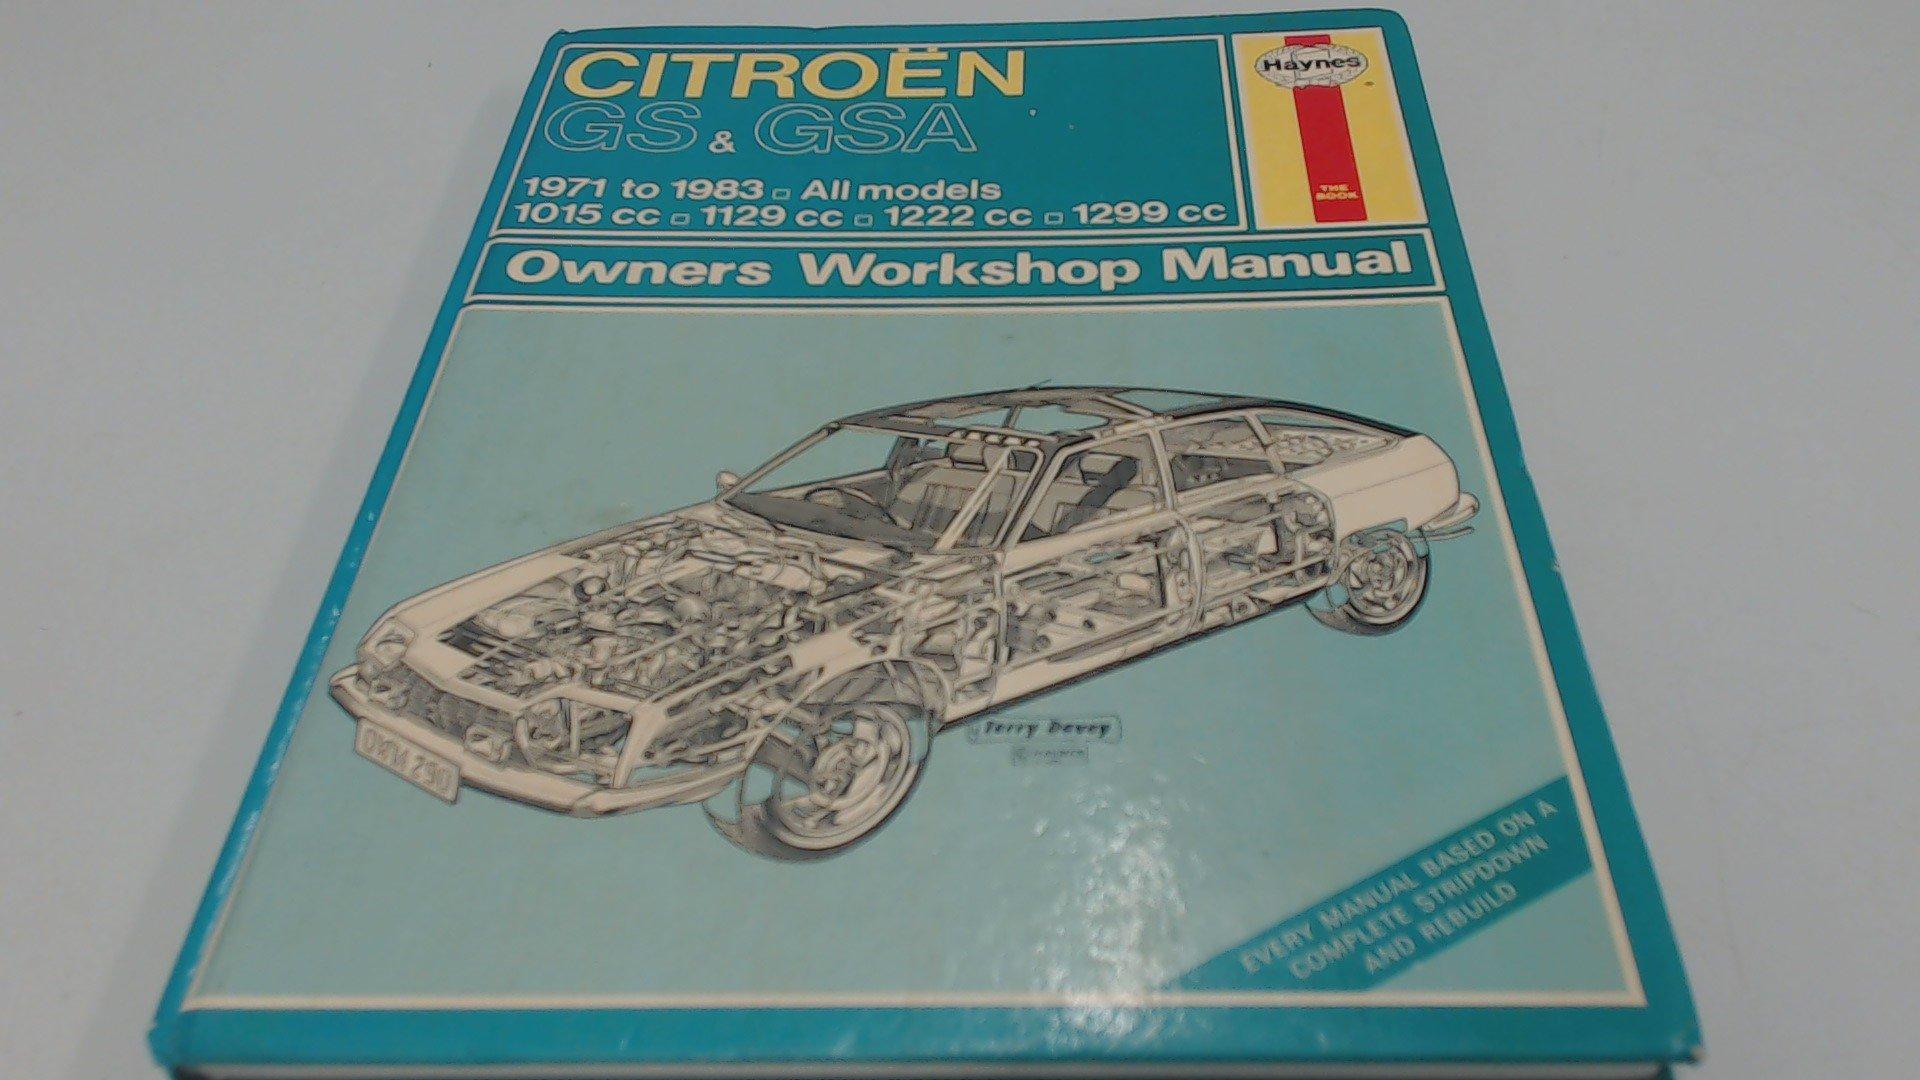 citroen gs gsa 1971 1985 service repair manual